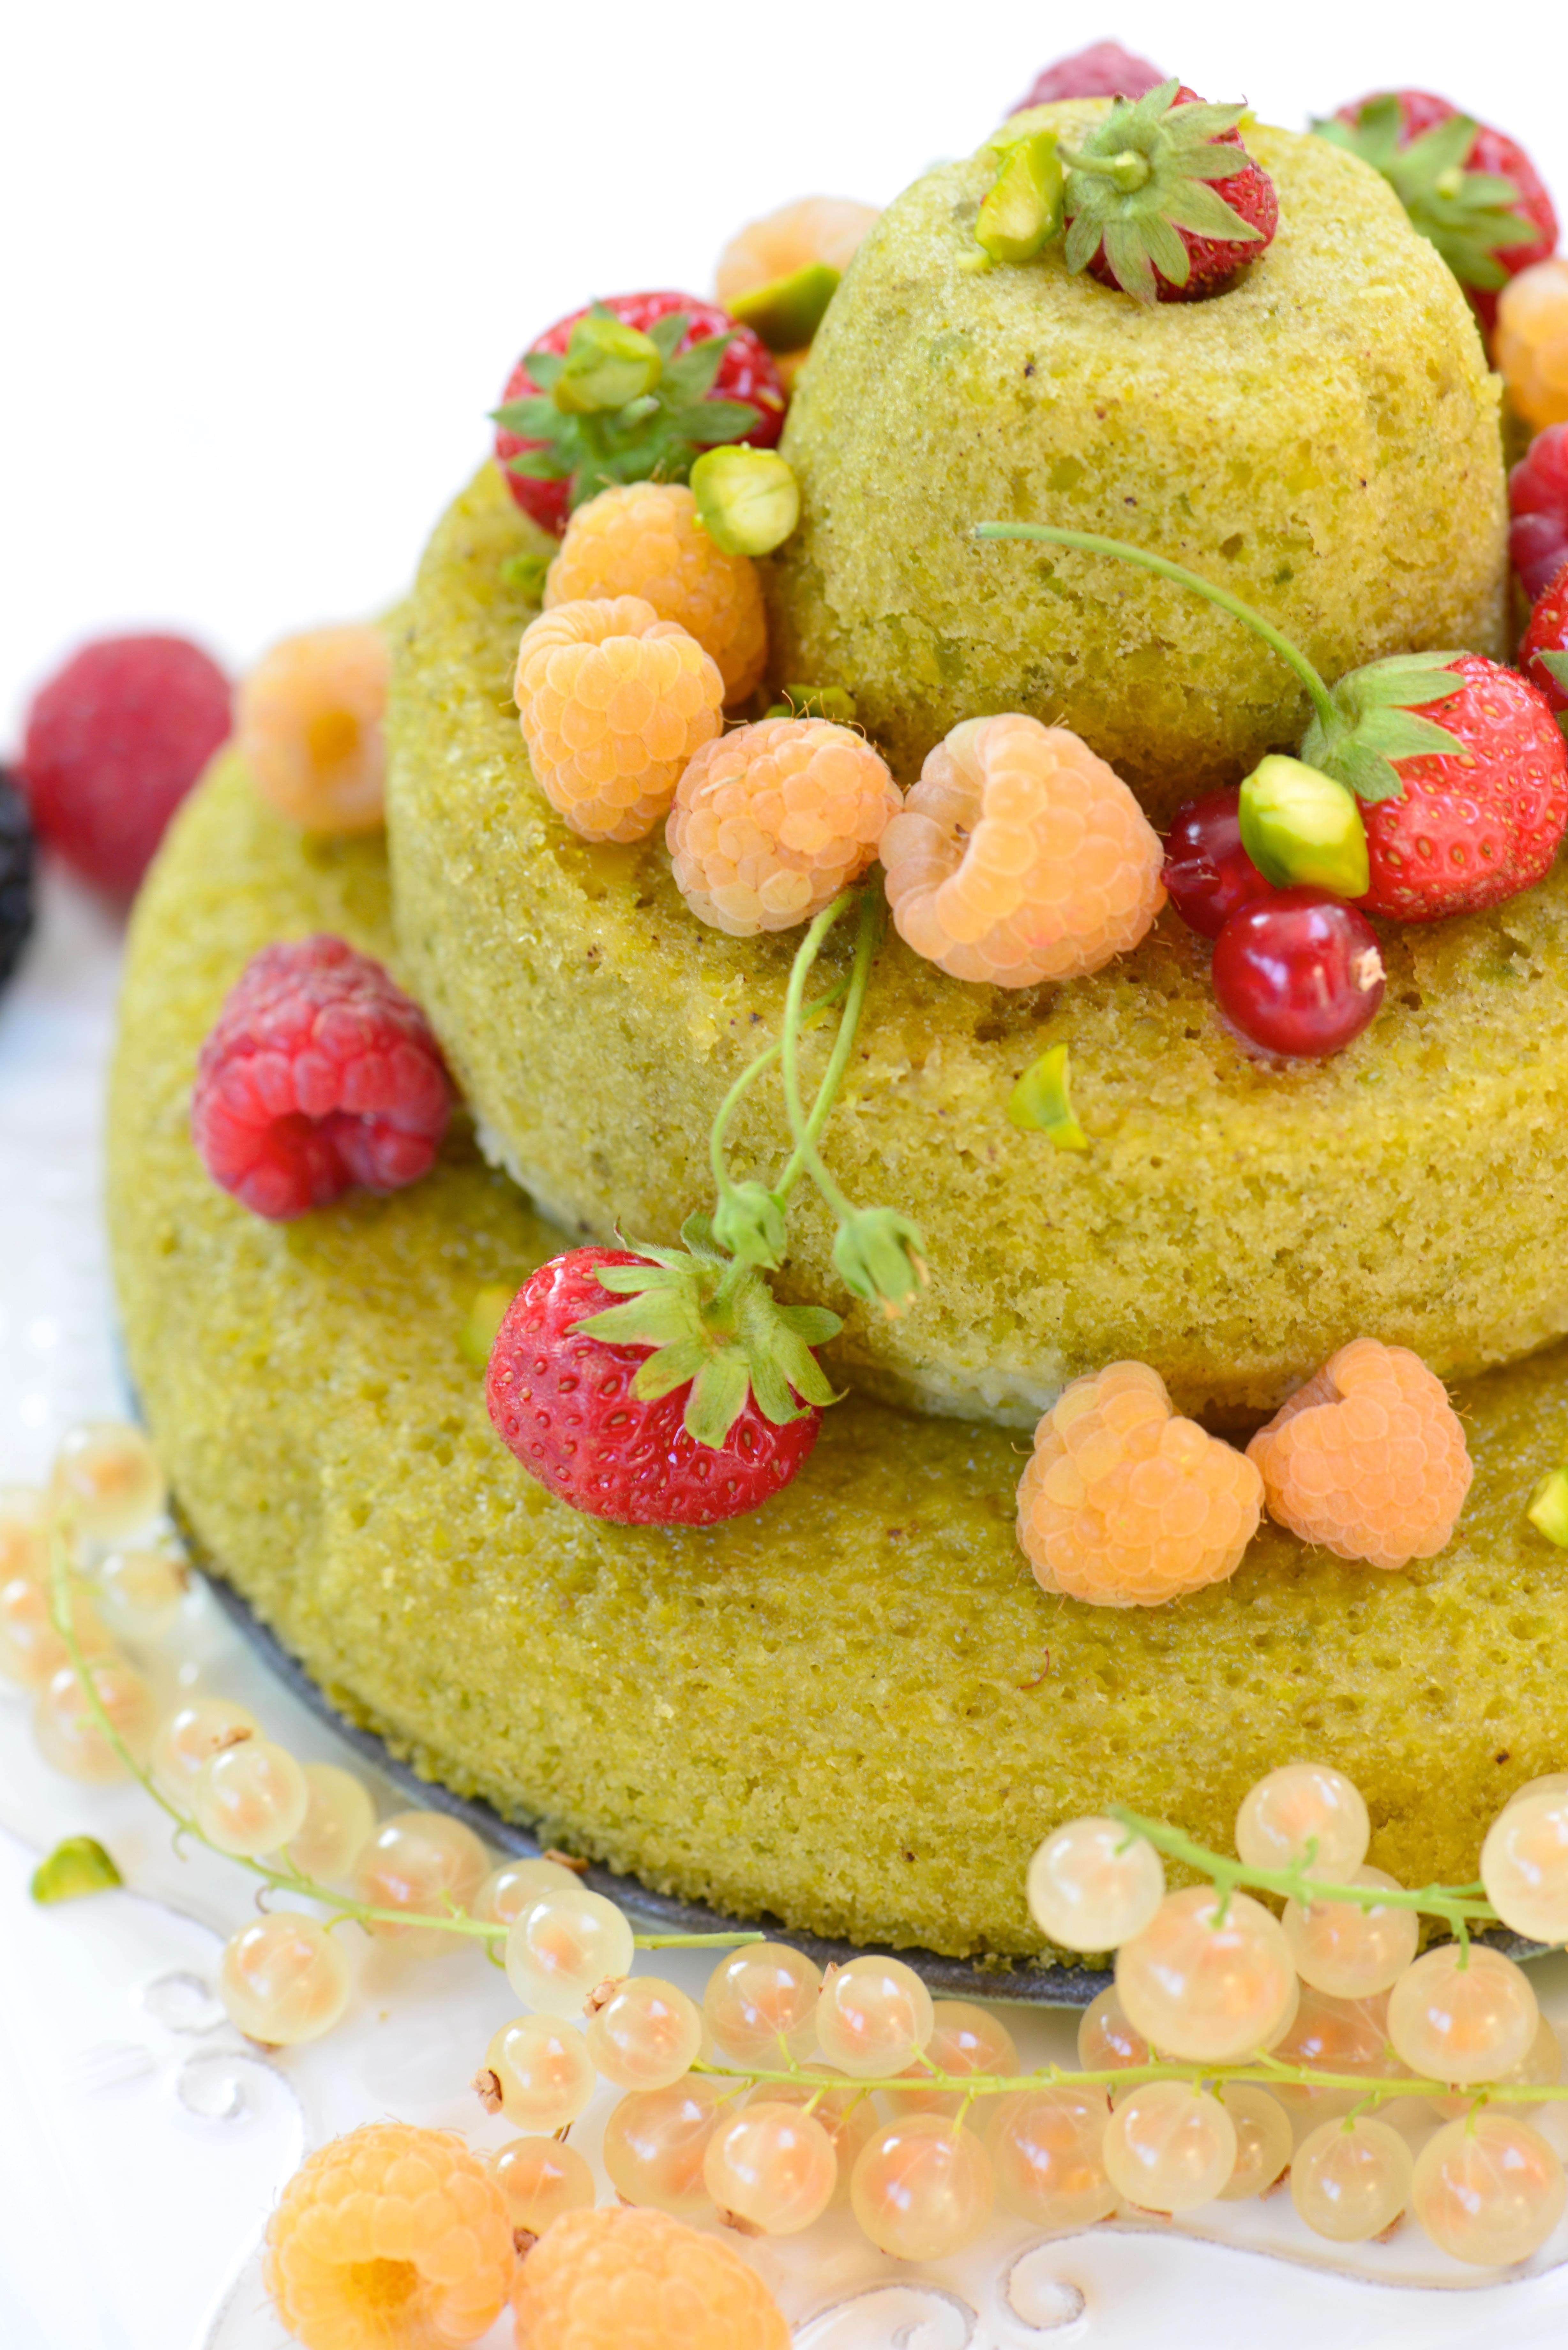 photographie culinaire d'un gâteau à la pistache